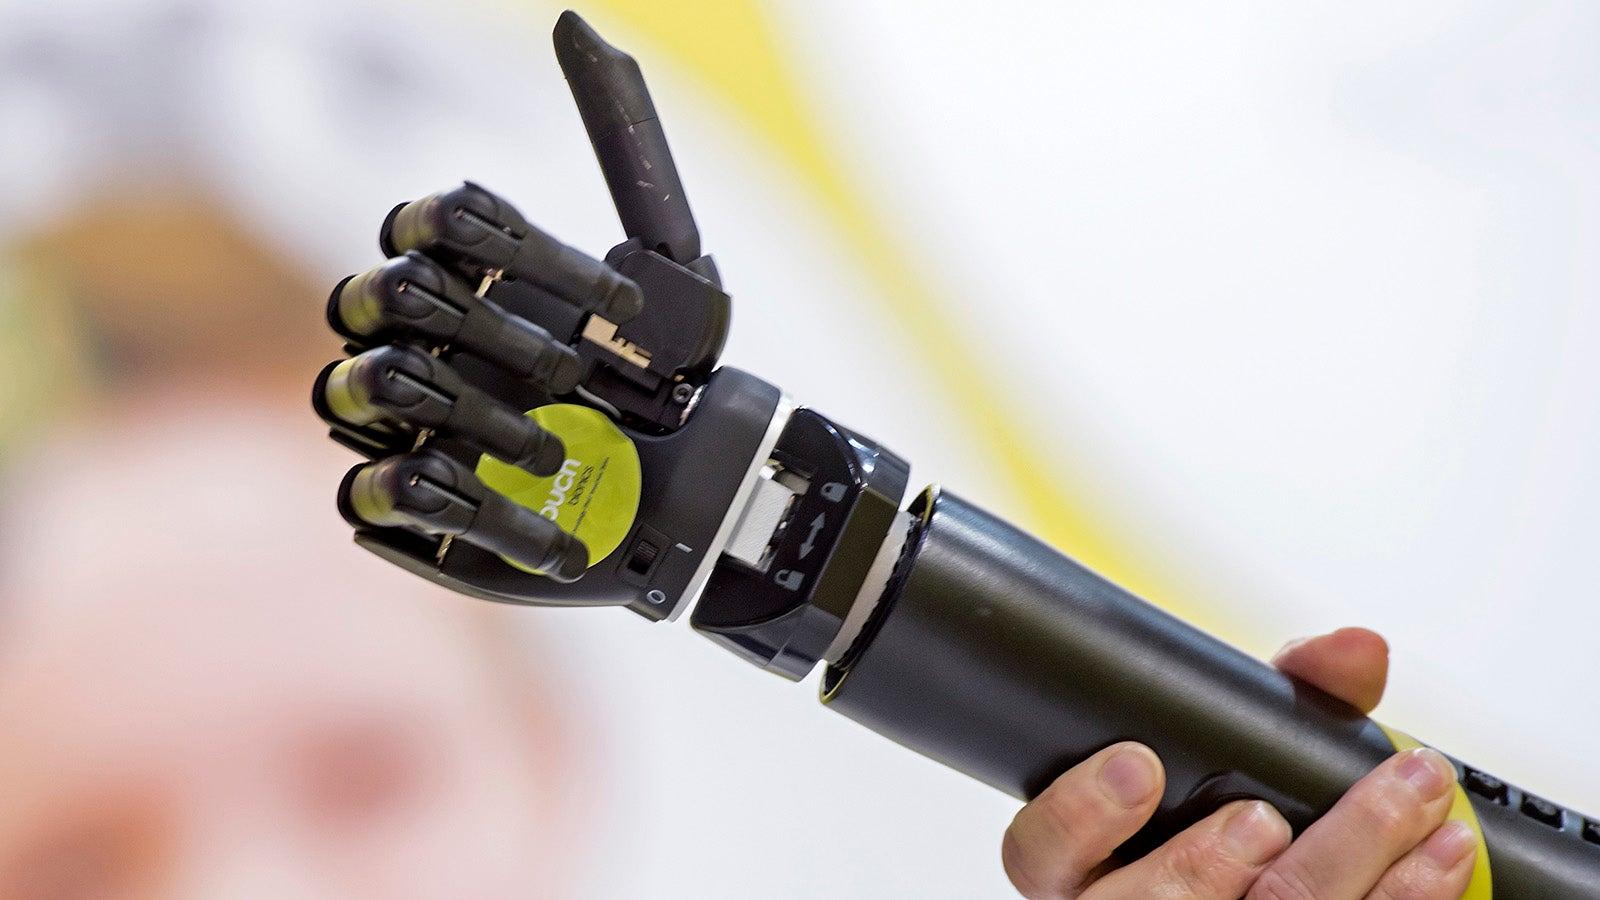 bionic-arms bionics cyborgs exoskeletons image-cache orthopedics orthopedy prosthetics